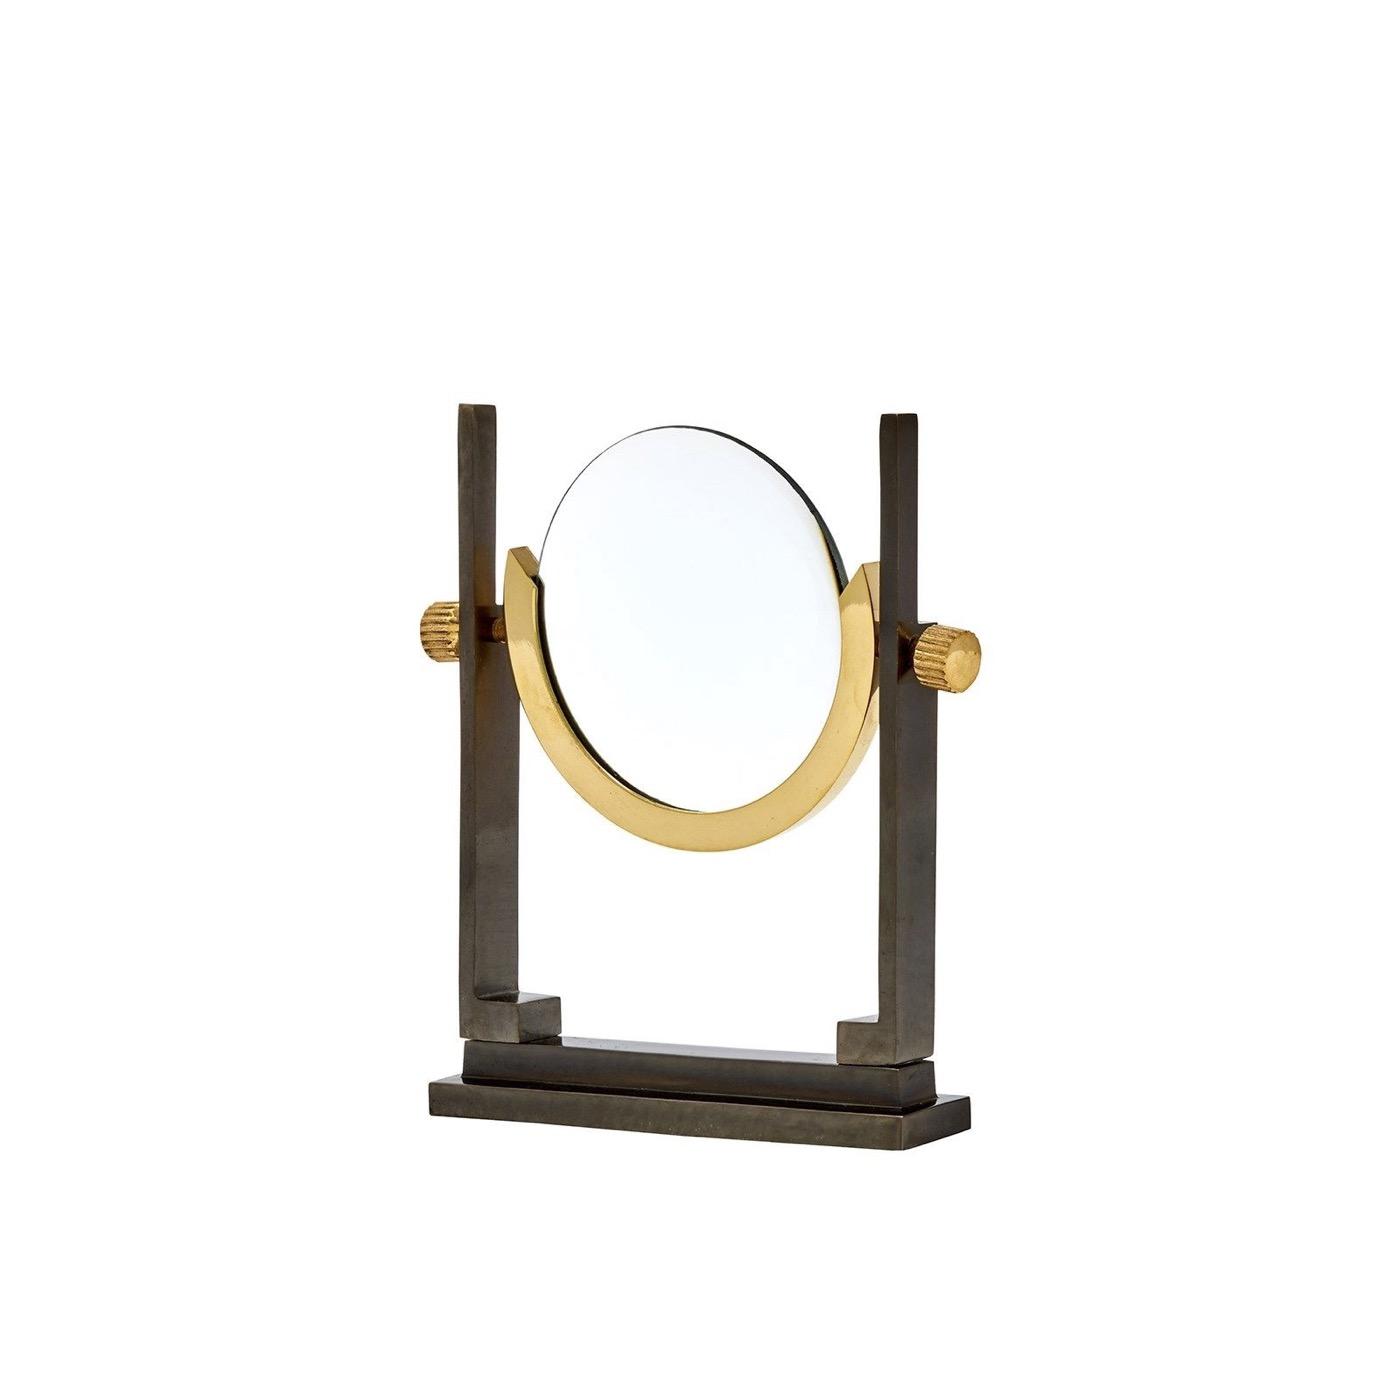 Skarsgard Magnifying Glasses